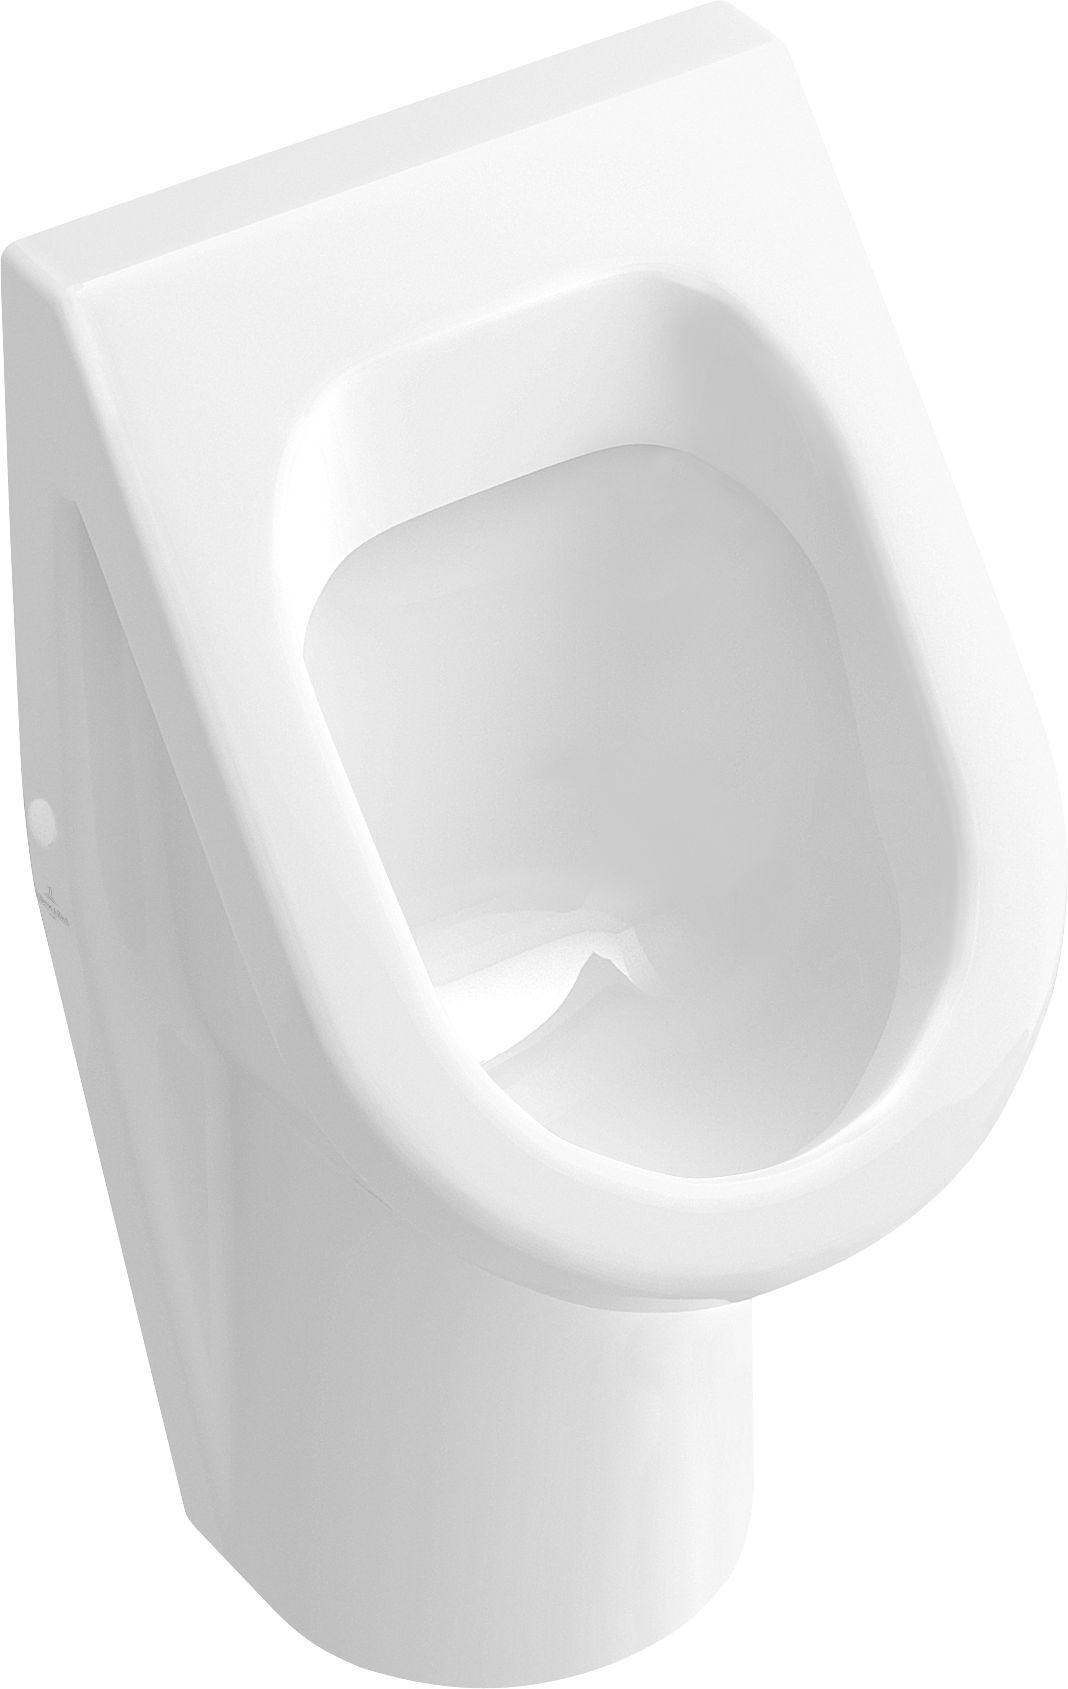 Villeroy & Boch Architectura Urinal ohne Deckel Zulauf verdeckt weiß mit ceramicplus 557400R1